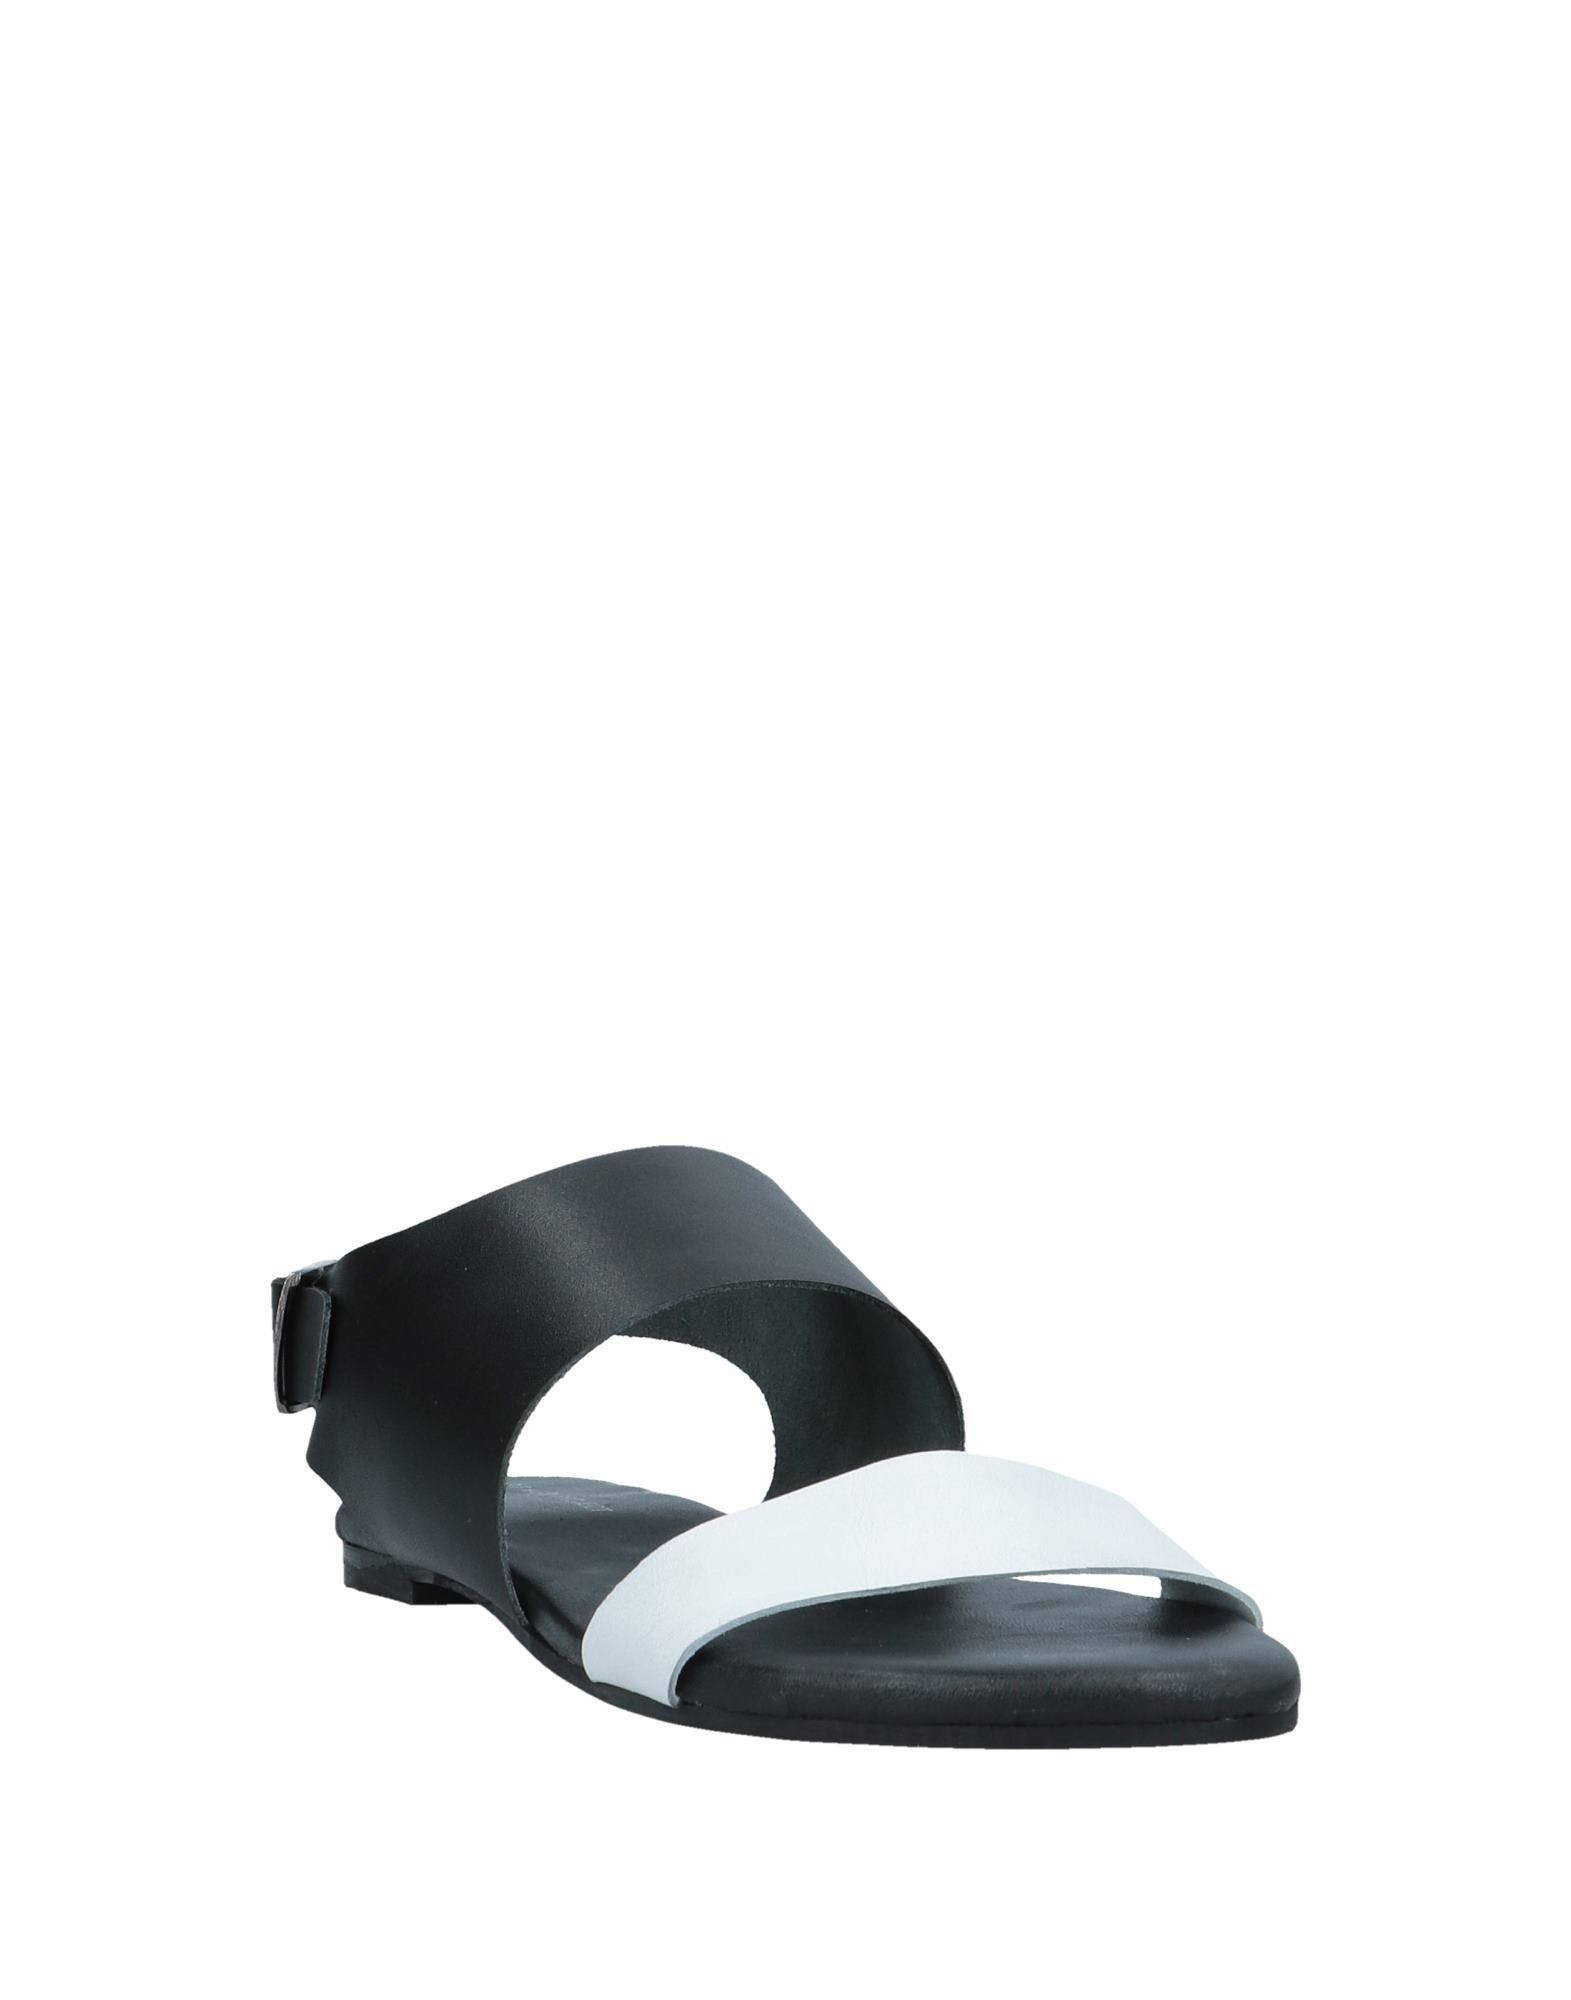 un sandales autre projet sandales un - femmes un autre projet sandales en ligne sur canada a0d2b7